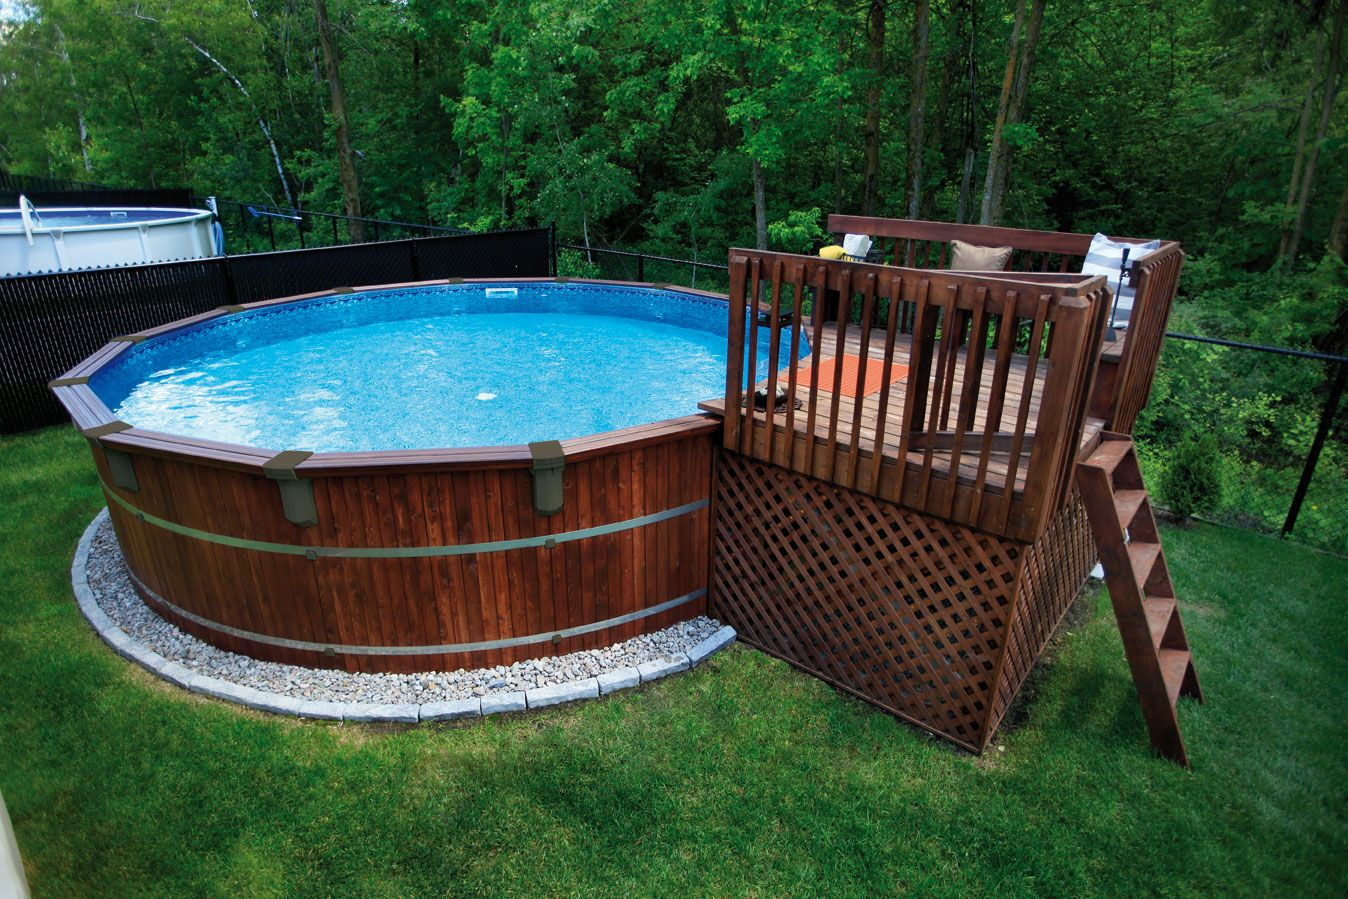 Faites De Votre Piscine L Element Decoratif Central De Votre Cour Avec La Trevi Frontenac De La Serie Nature Backyard Pool Designs Diy Decor Backyard Pool